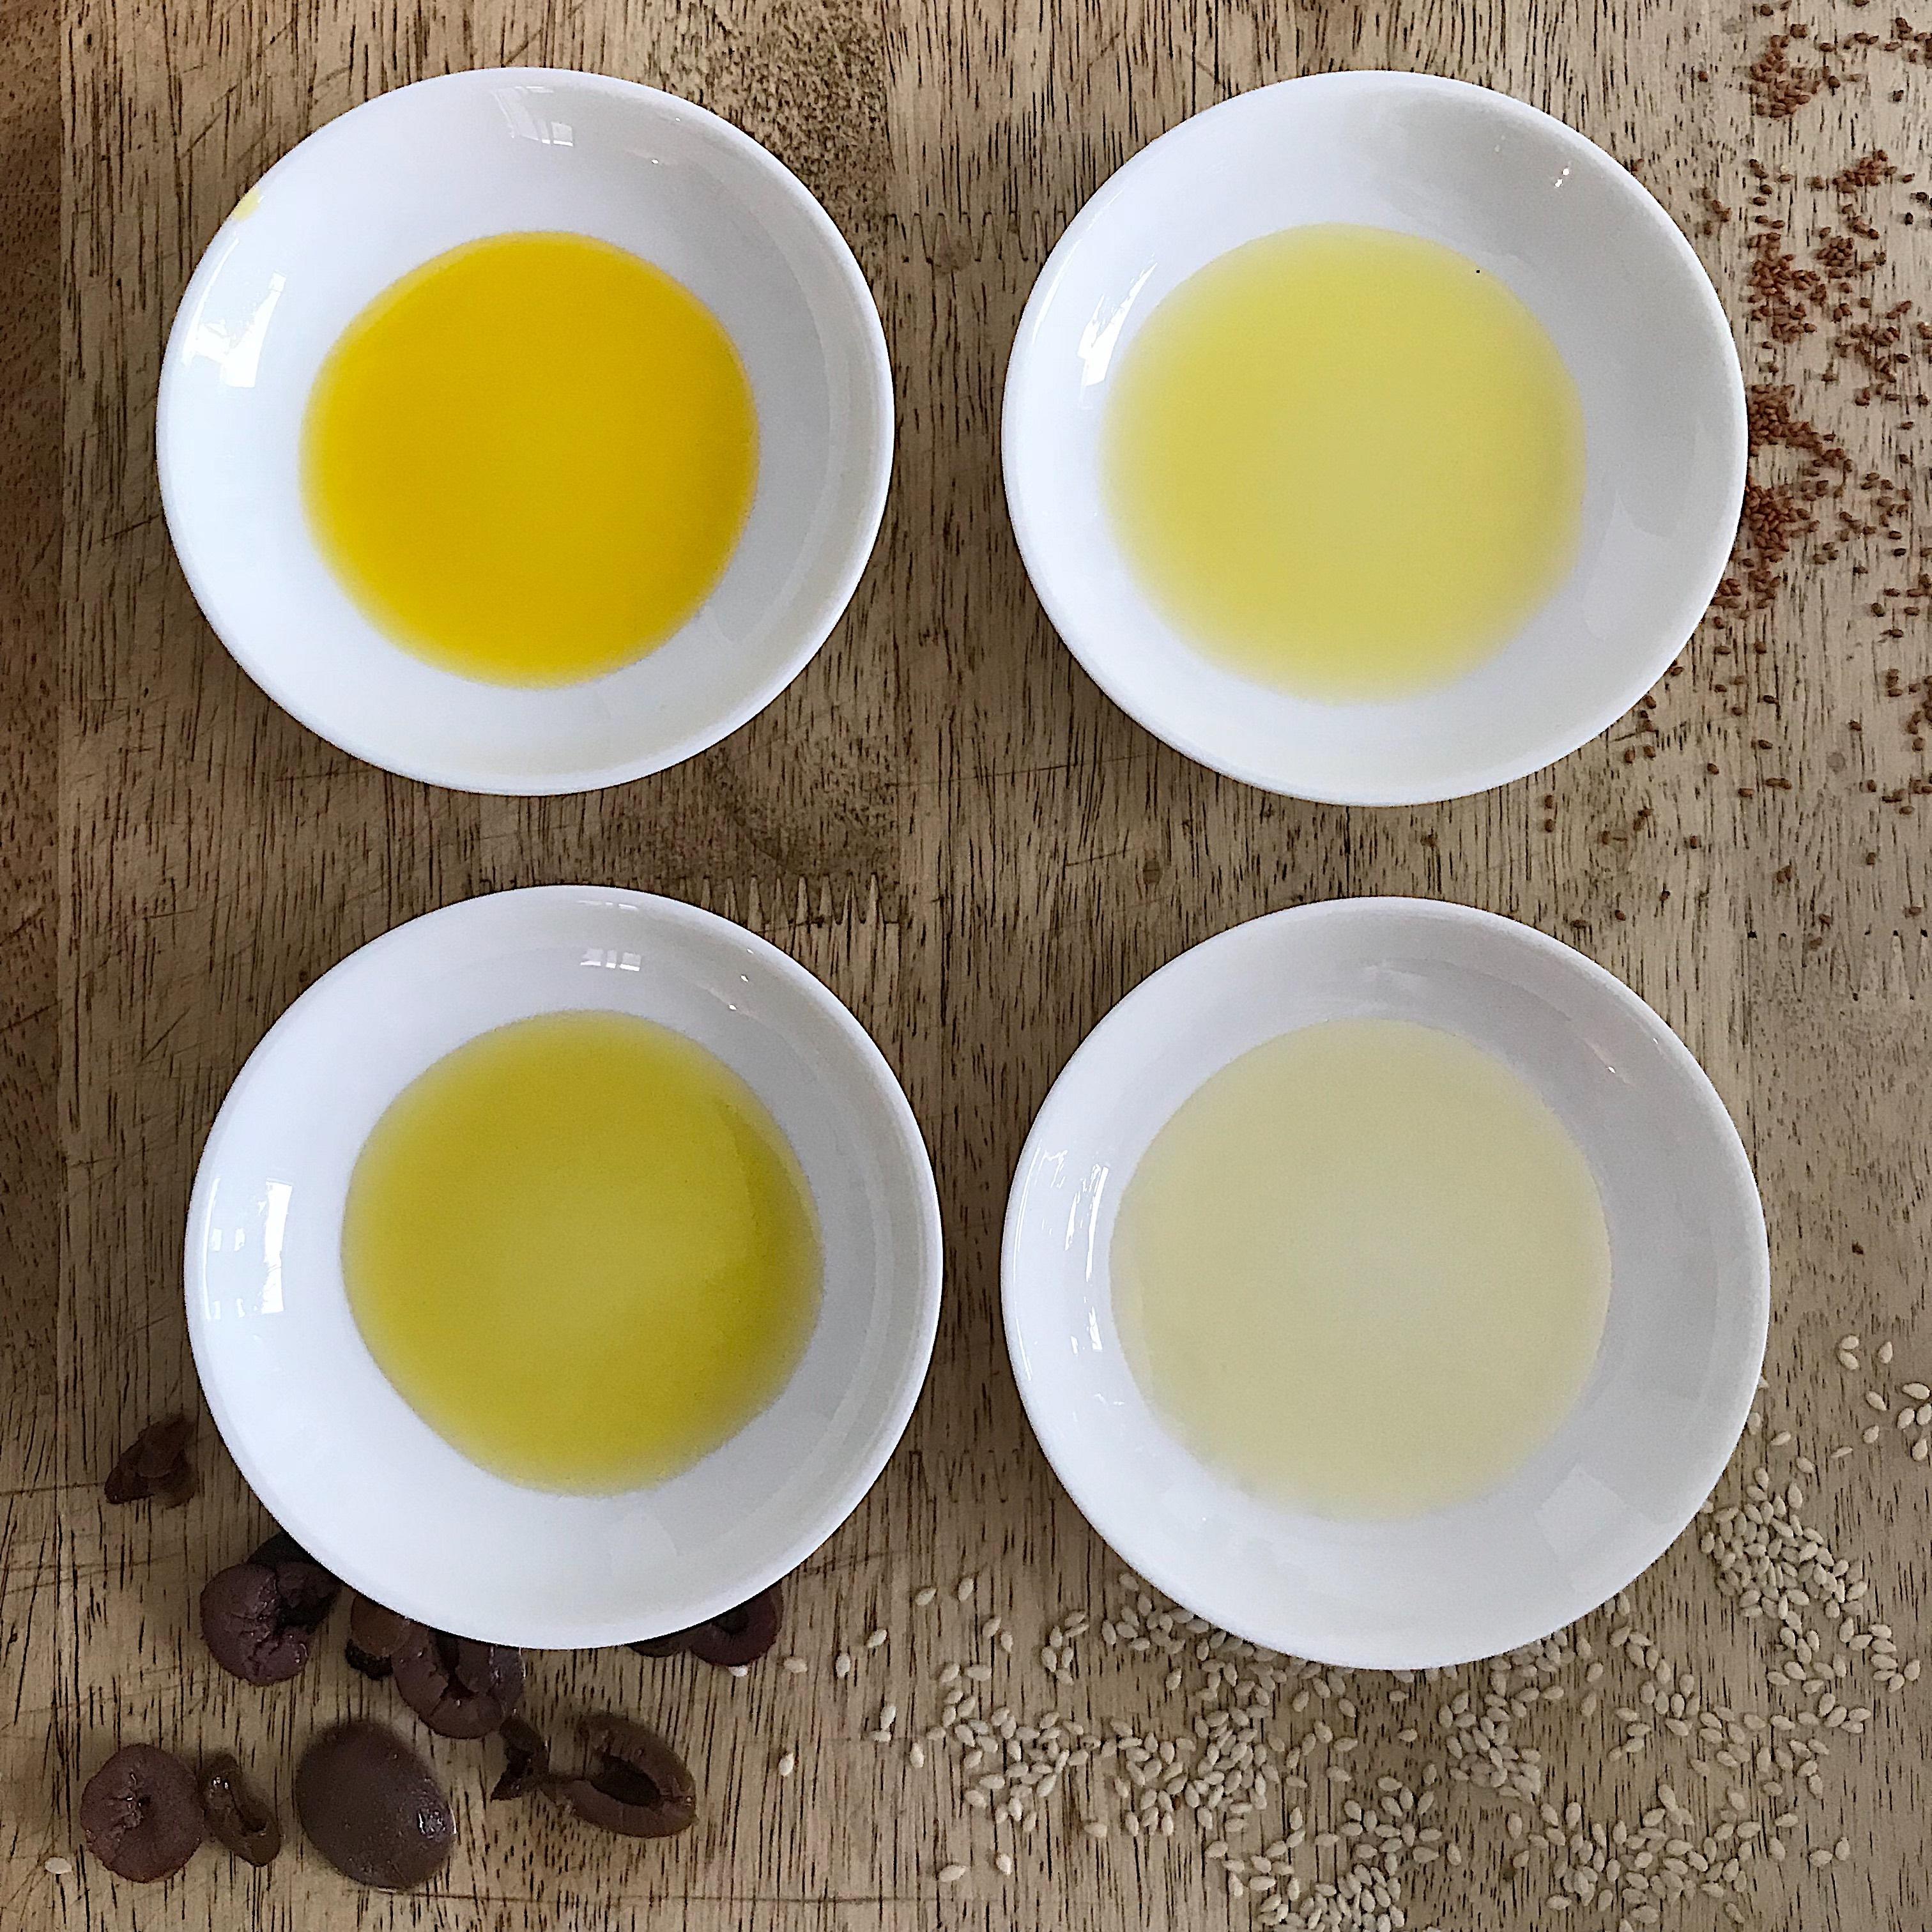 Quatre bonnes huiles à adopter pour votre santé